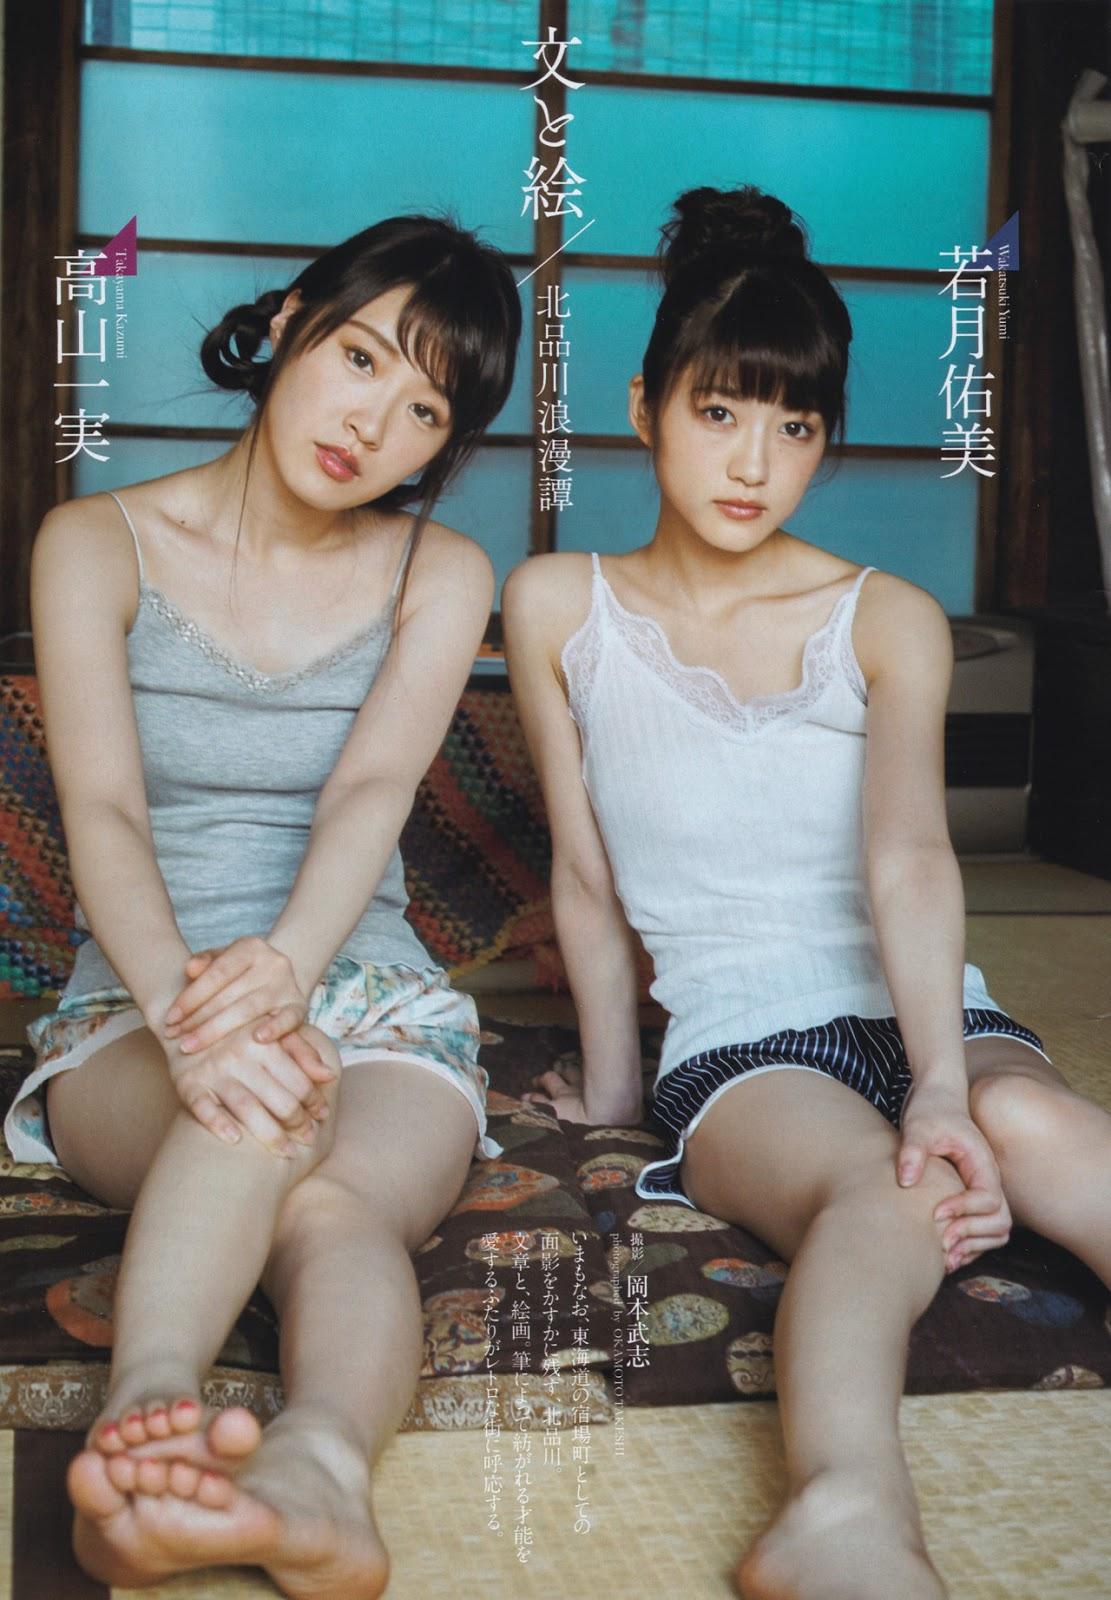 Takayama Kazumi 高山一実, Wakatsuki Yumi 若月佑美 Nogizaka46, Weekly Playboy Nogizaka46 Special Edition 2016